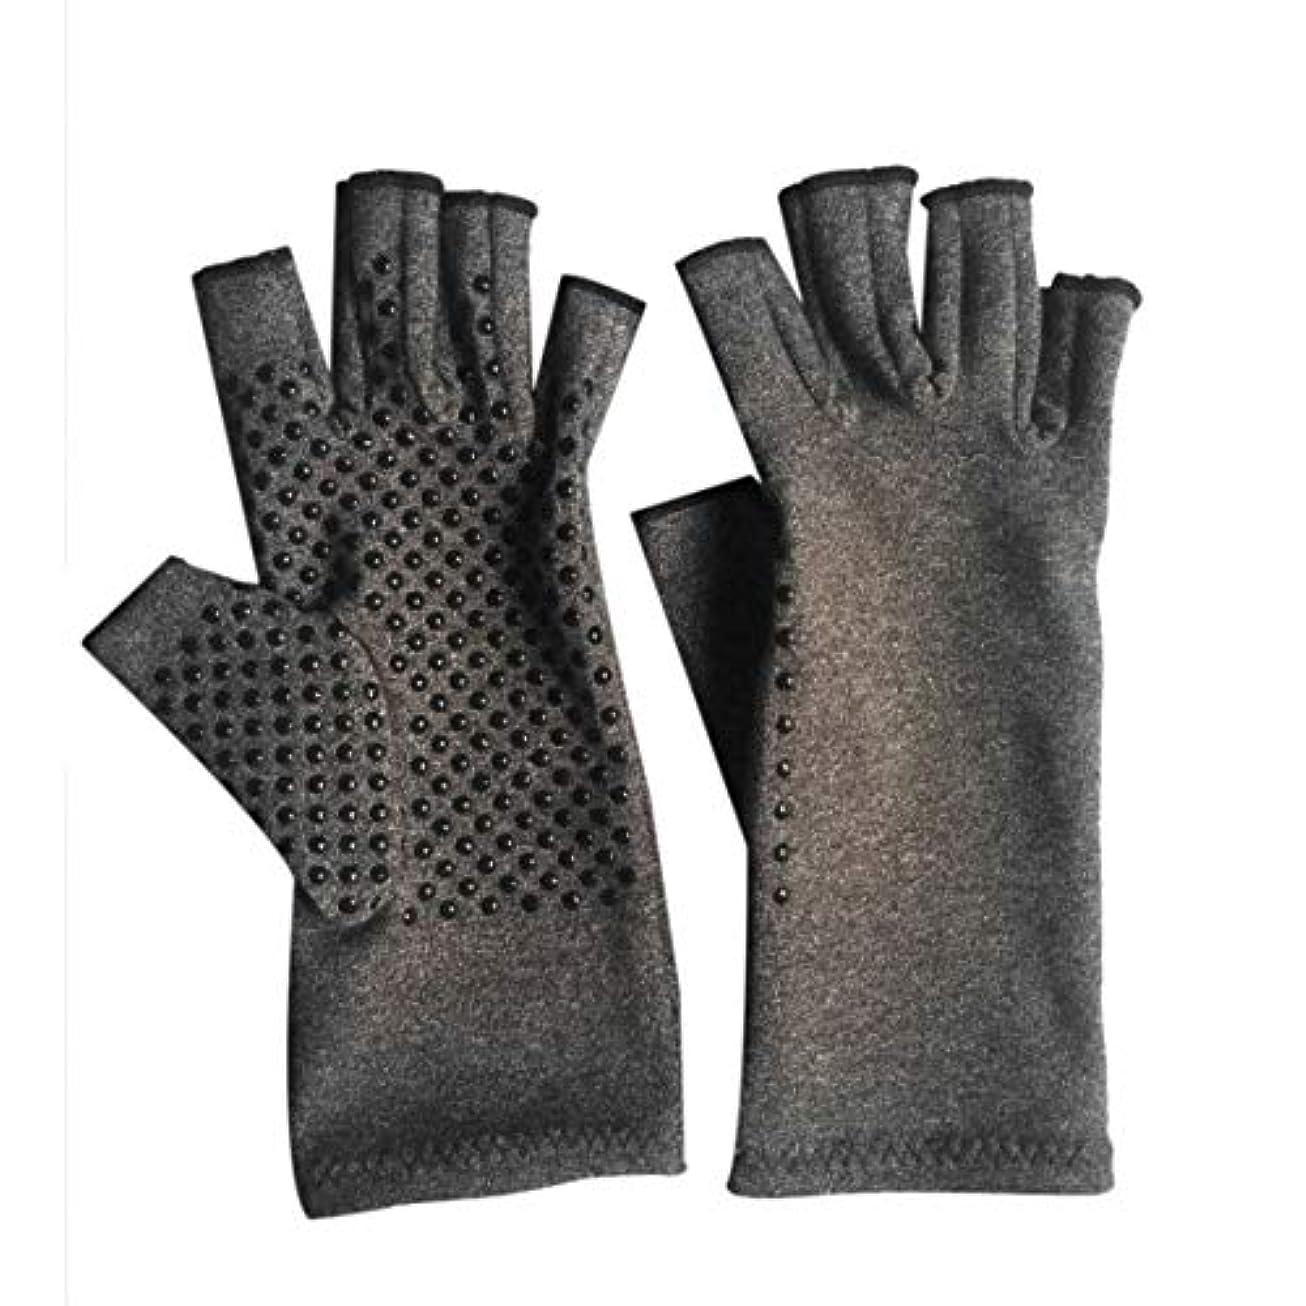 悲しいインカ帝国虐殺1ペアユニセックス男性女性療法圧縮手袋関節炎関節痛緩和ヘルスケア半指手袋トレーニング手袋 - グレーM